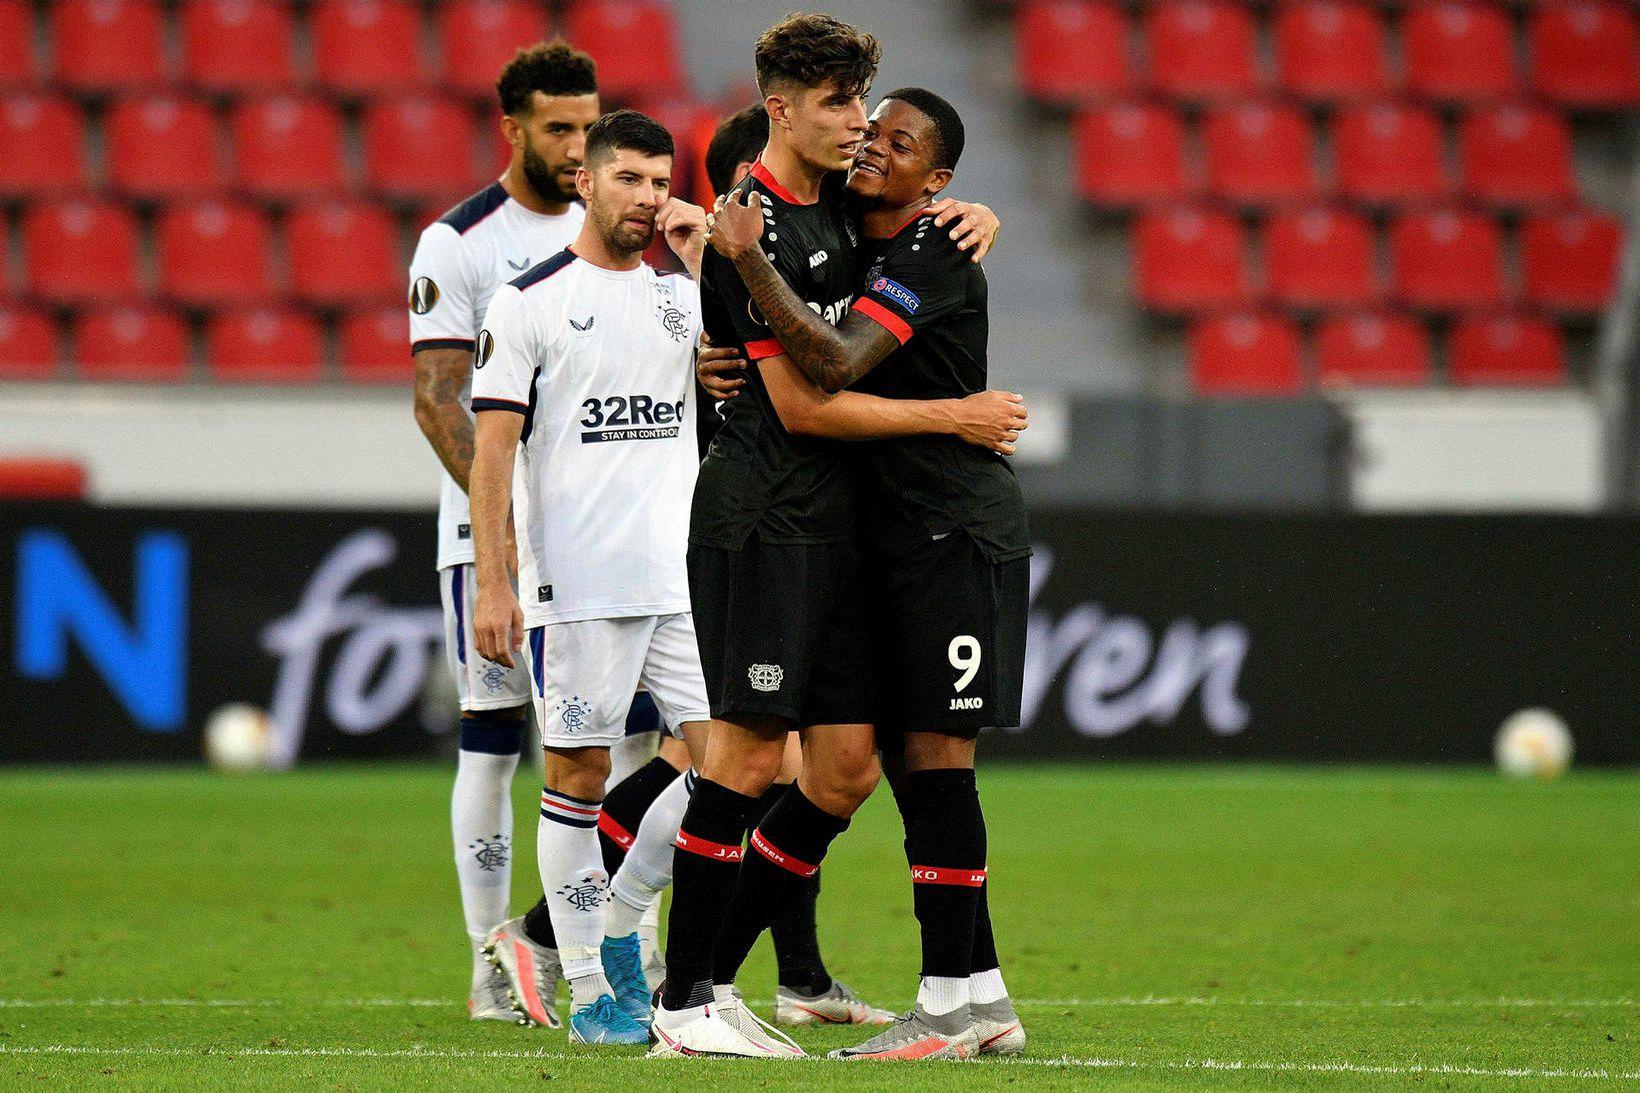 Leikmenn Leverkusen fagna í kvöld.